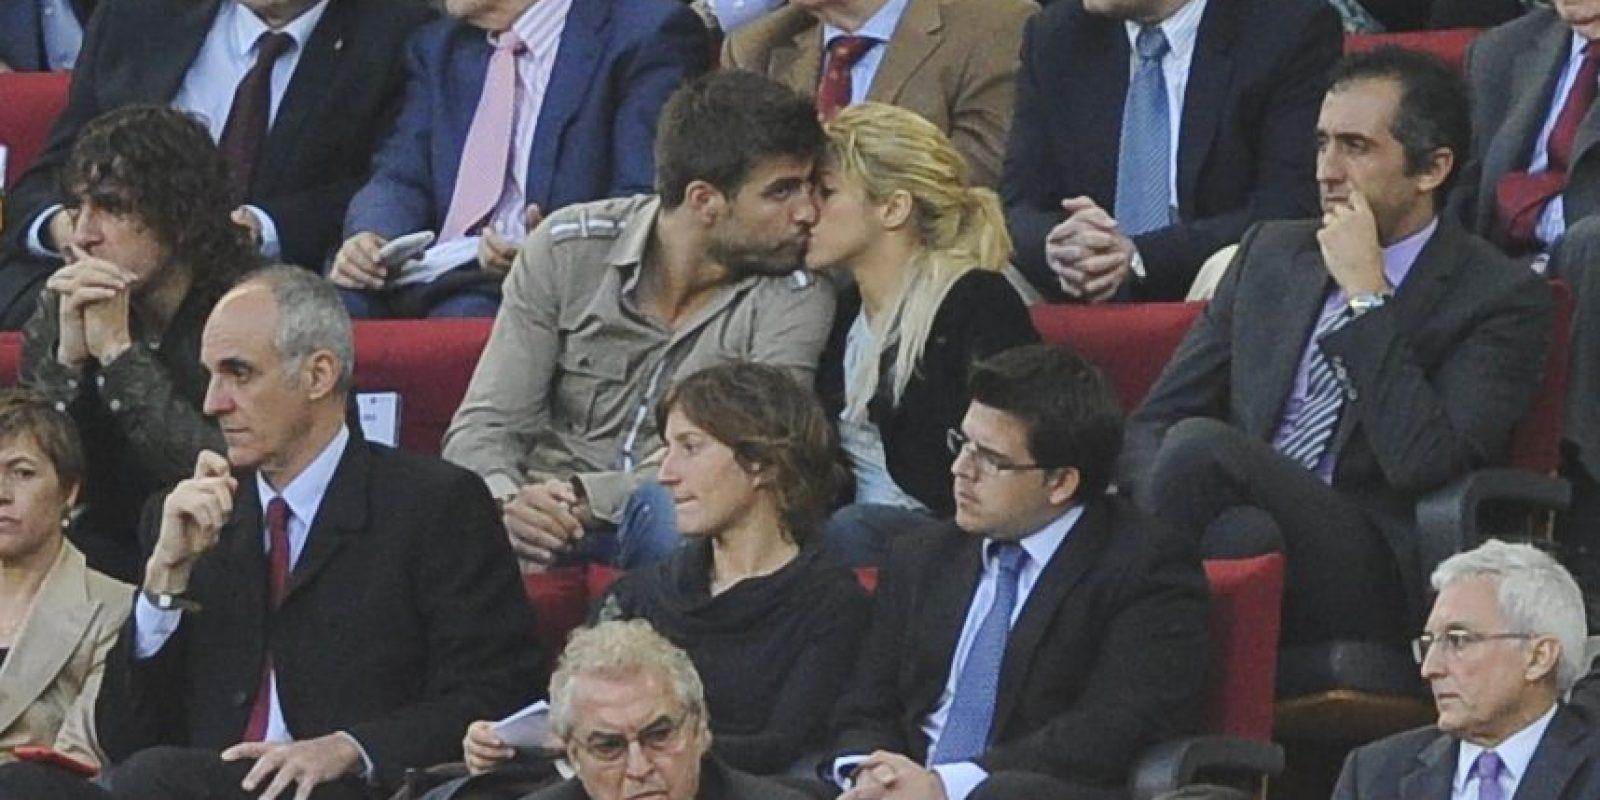 Momentos tiernos de la pareja frente al público Foto:Getty Images